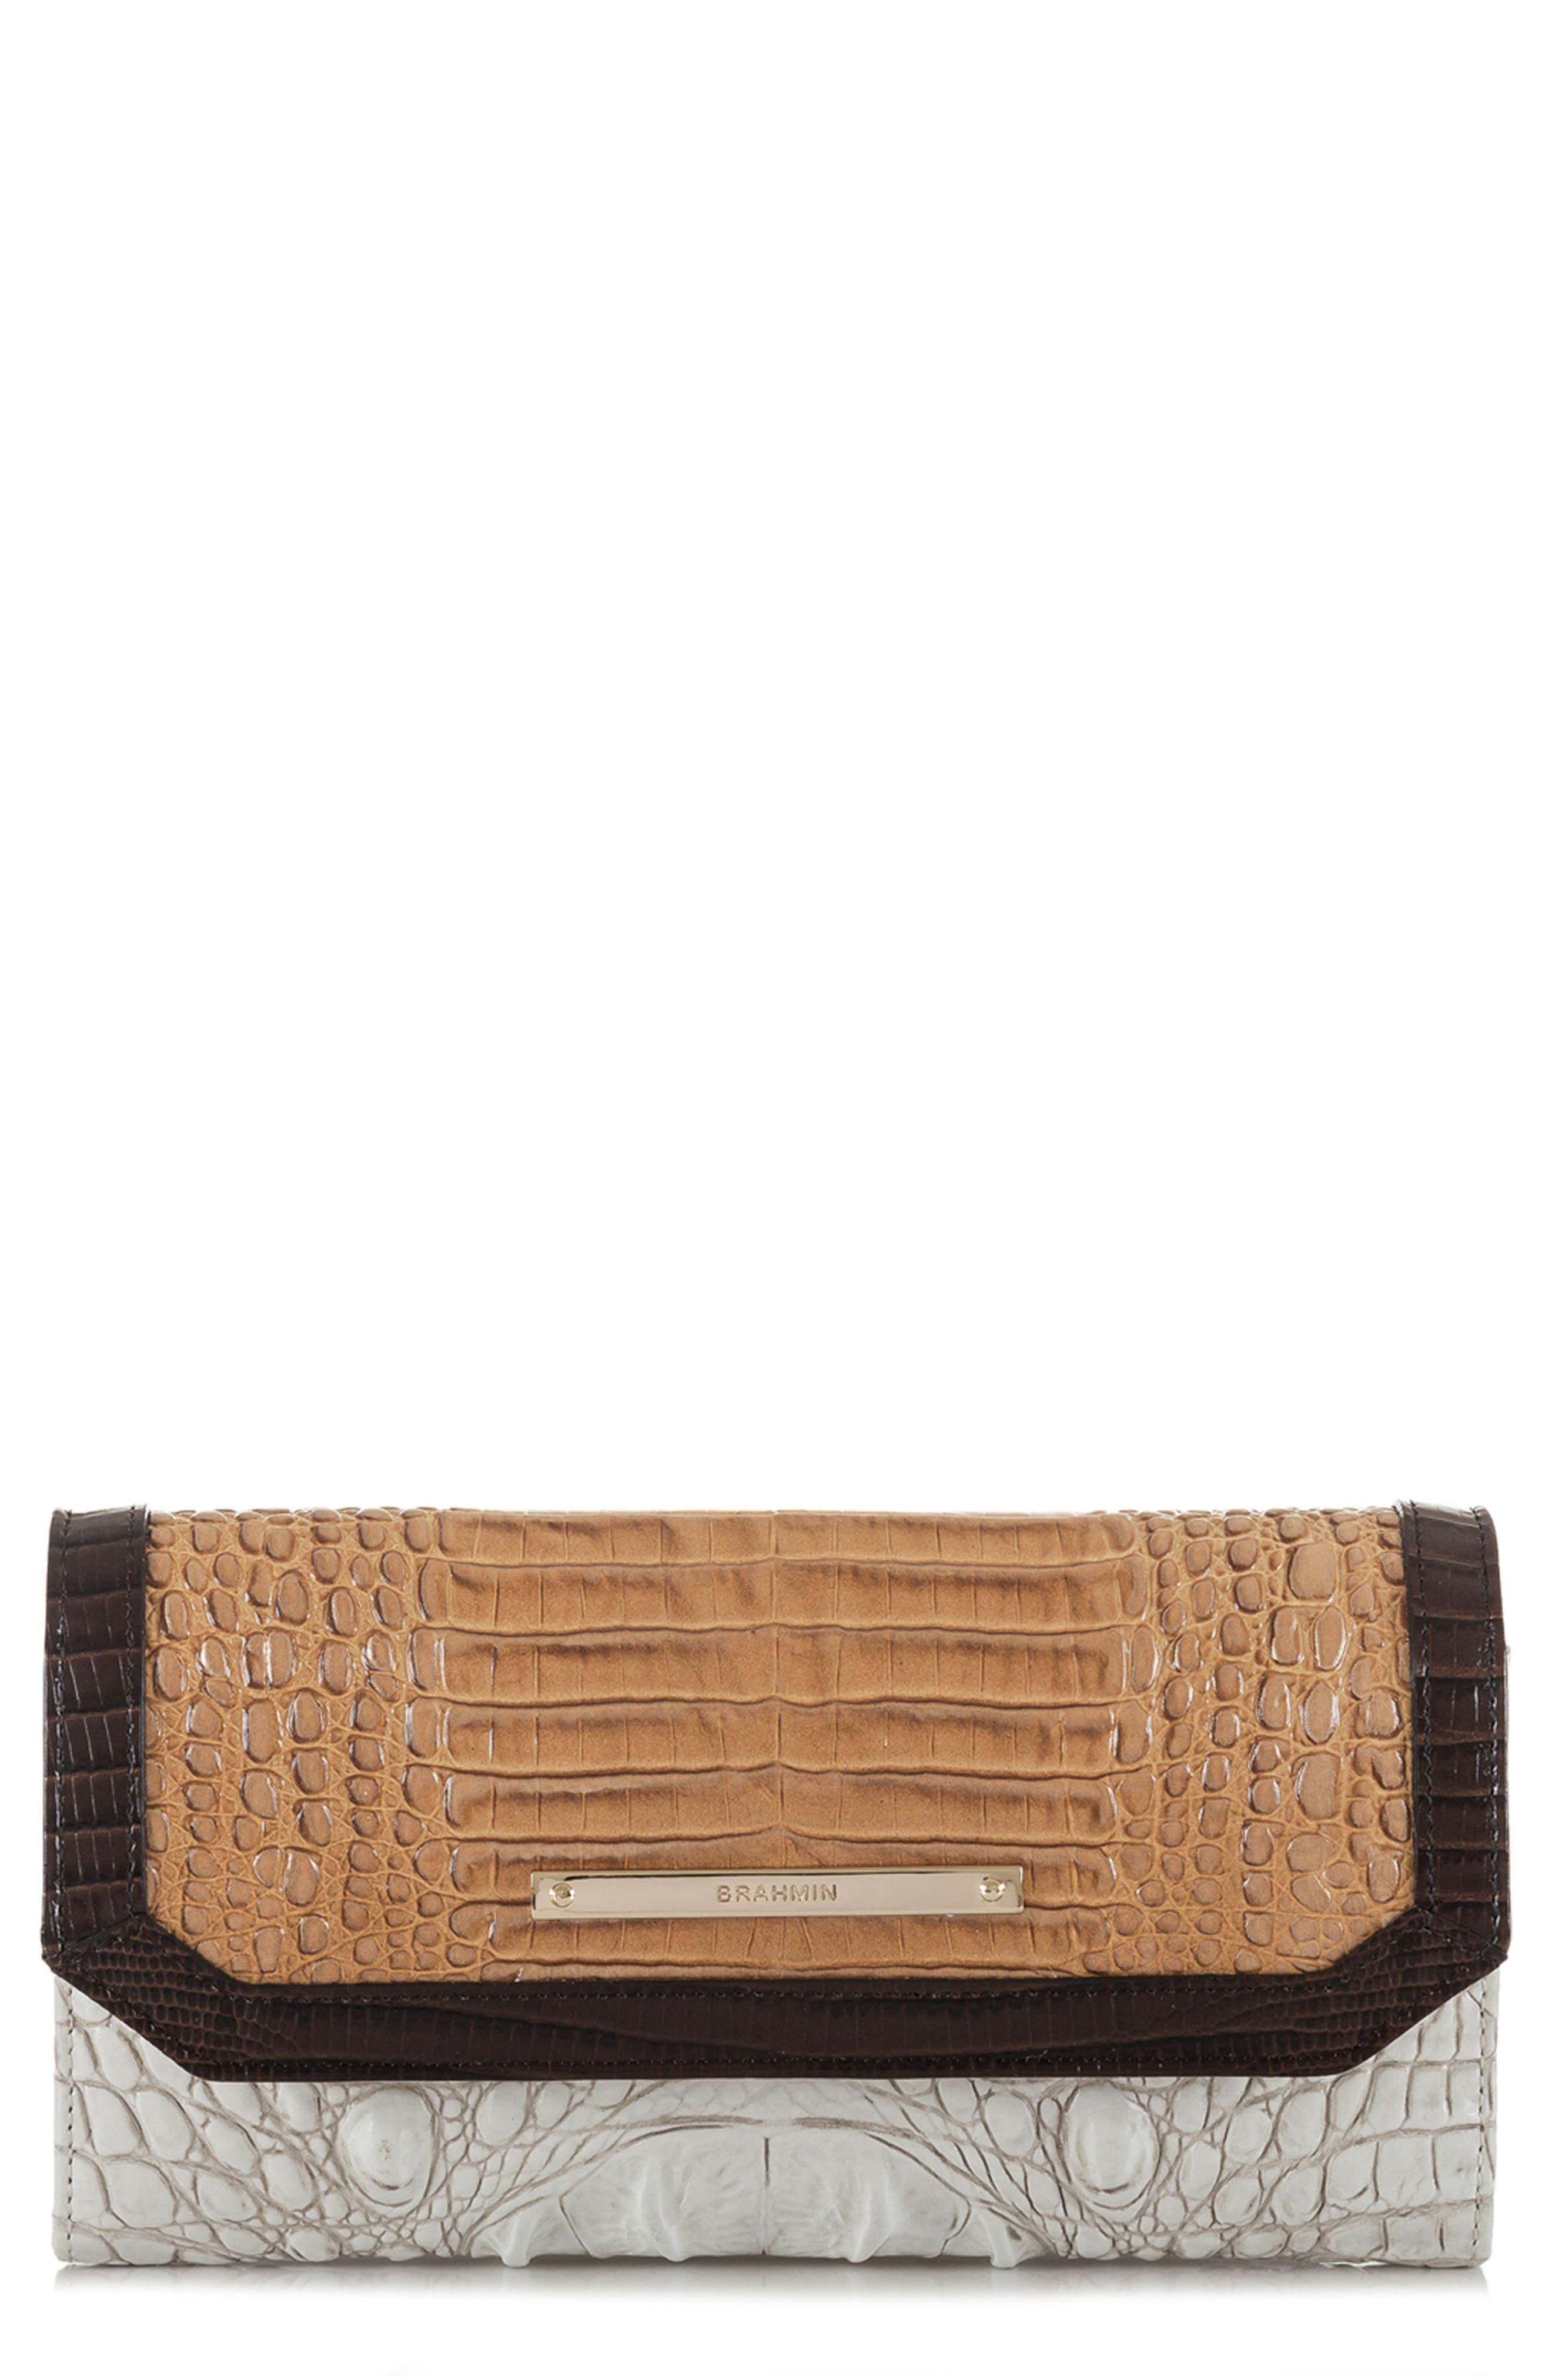 Brahmin Croc Embossed Leather Checkbook Wallet